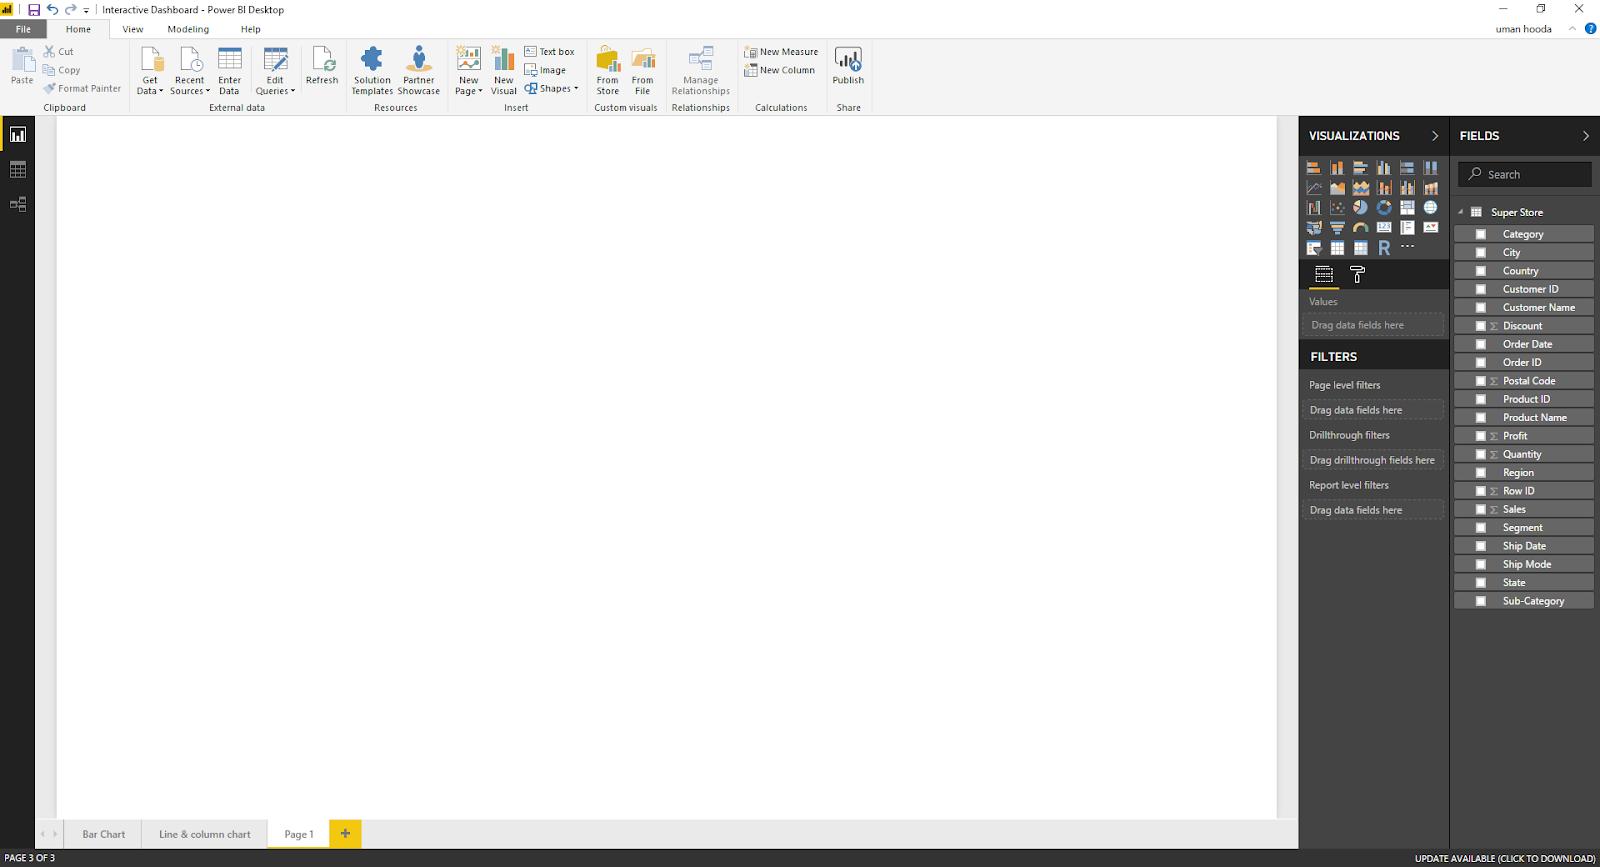 Interactive Dashboard In Microsoft Power BI 37